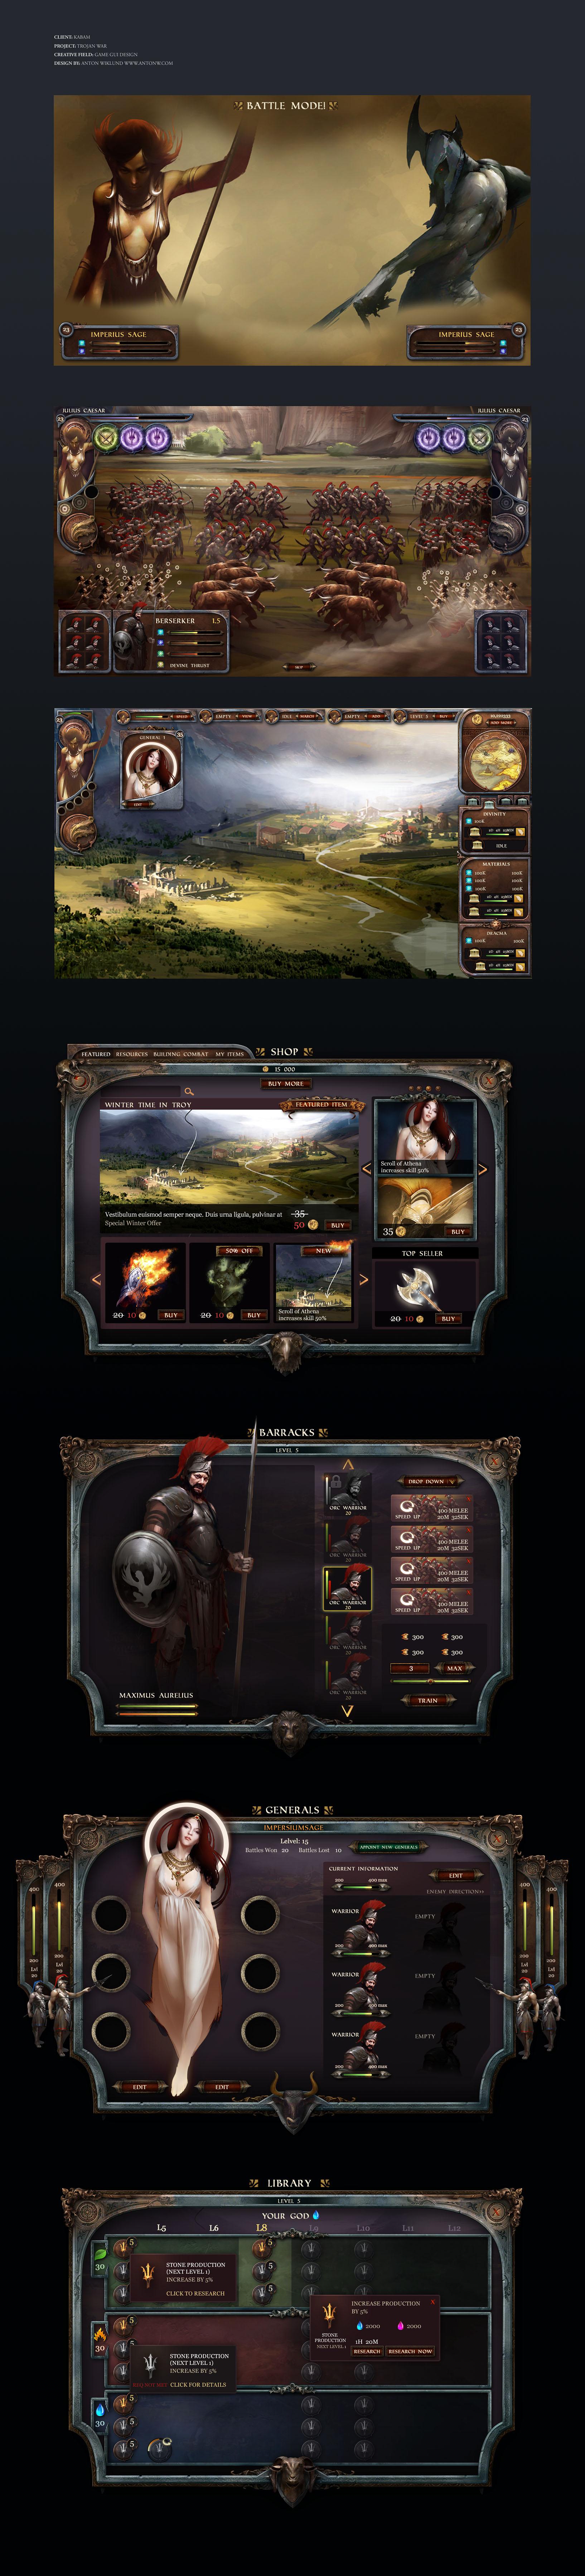 Trojan War - Web Browser Game by karsten   Game ui   Game ...